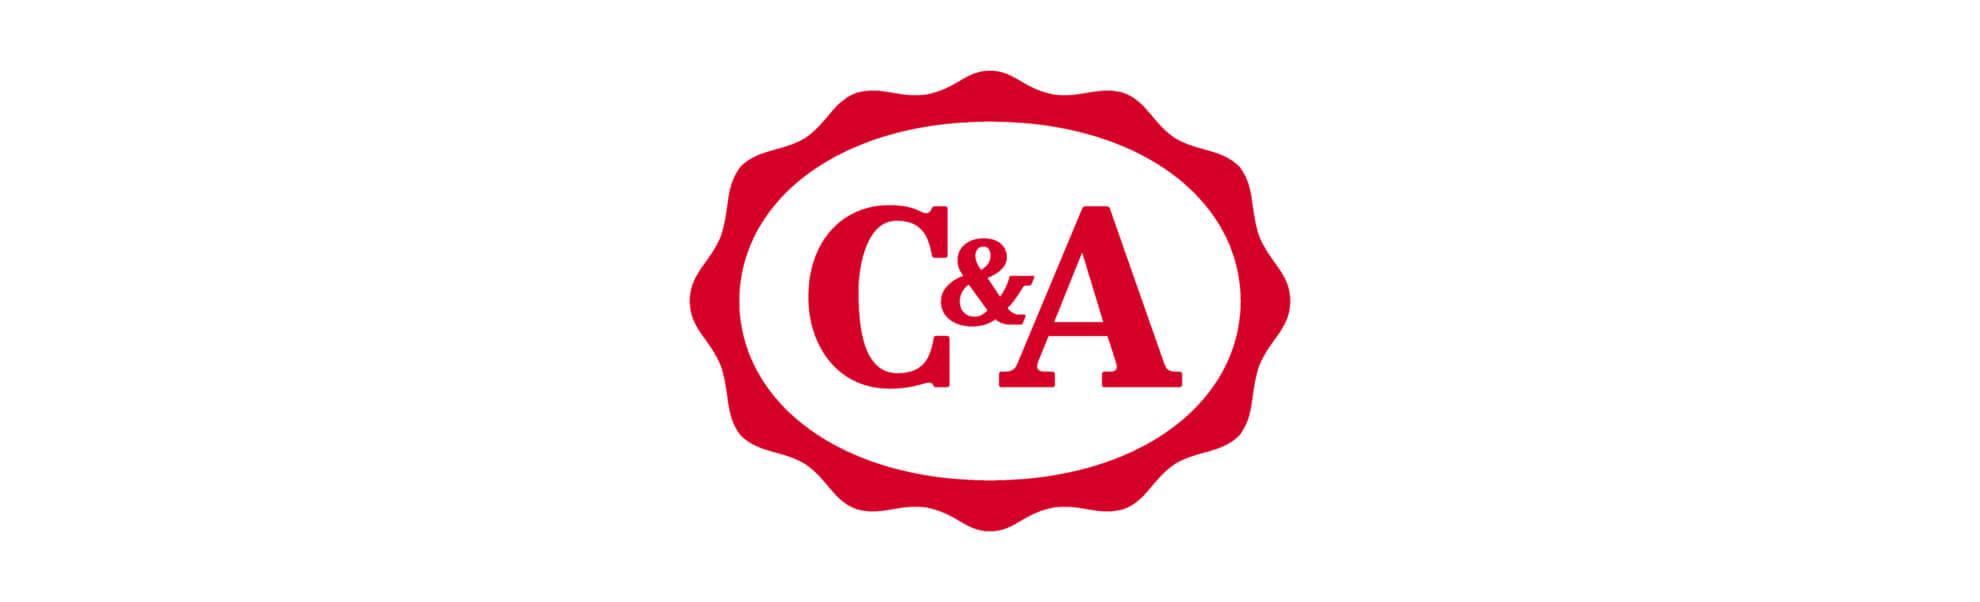 Nowe logo C&A